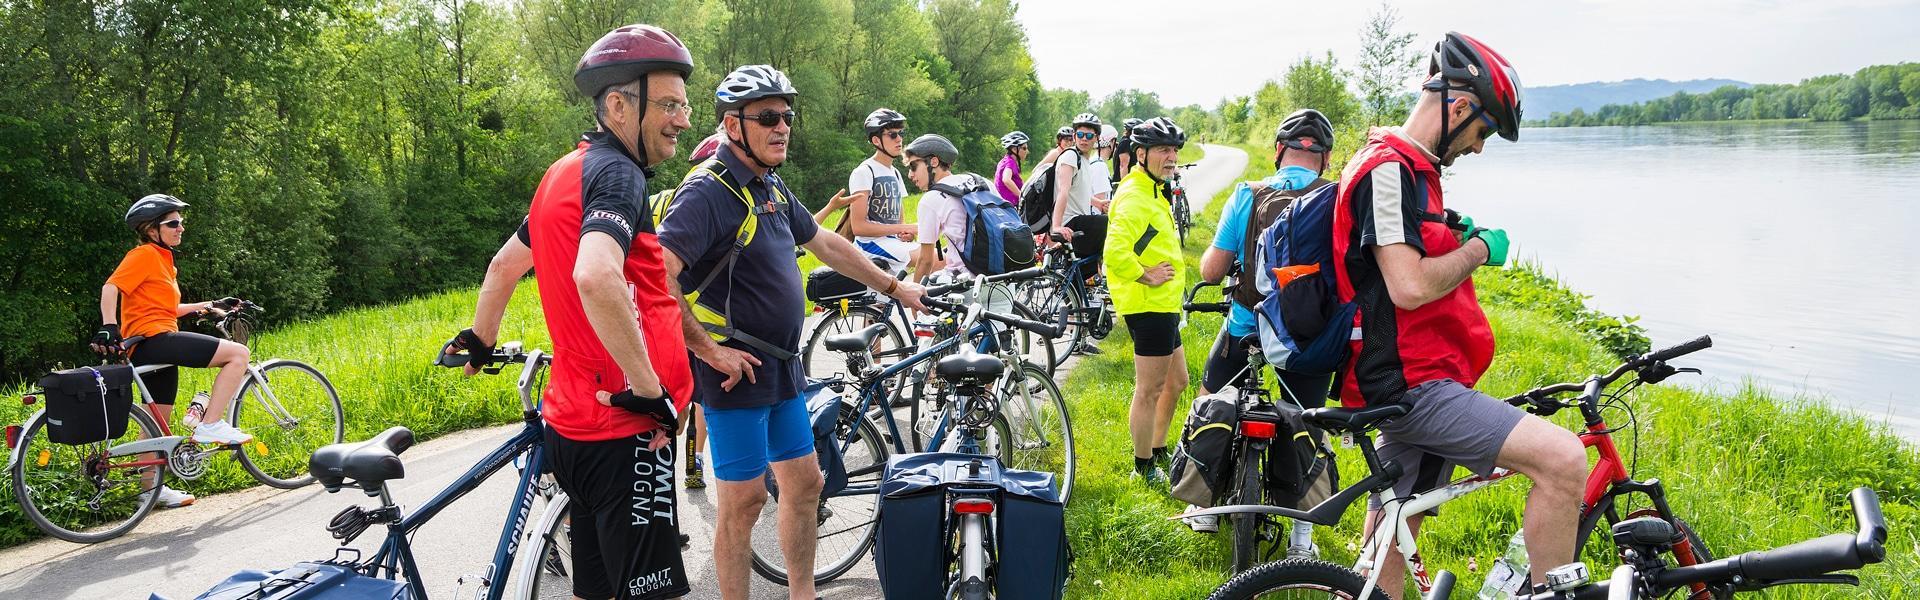 Schnitzeljagd-mit-dem-Fahrrad